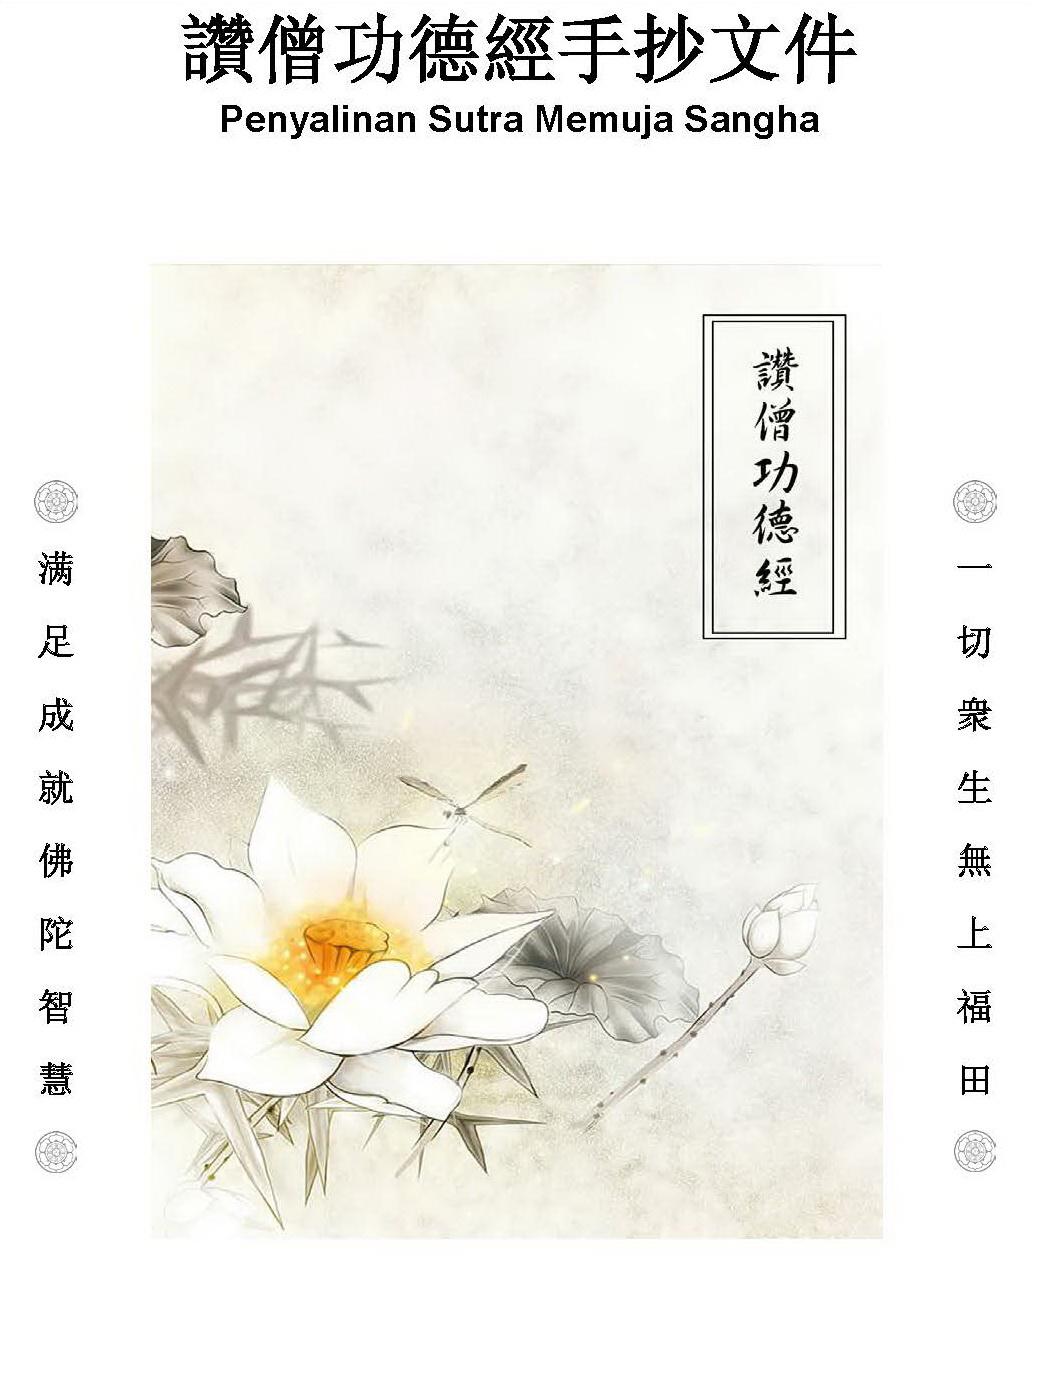 Penyalinan Sutra Memuja Sangha Versi Kedua